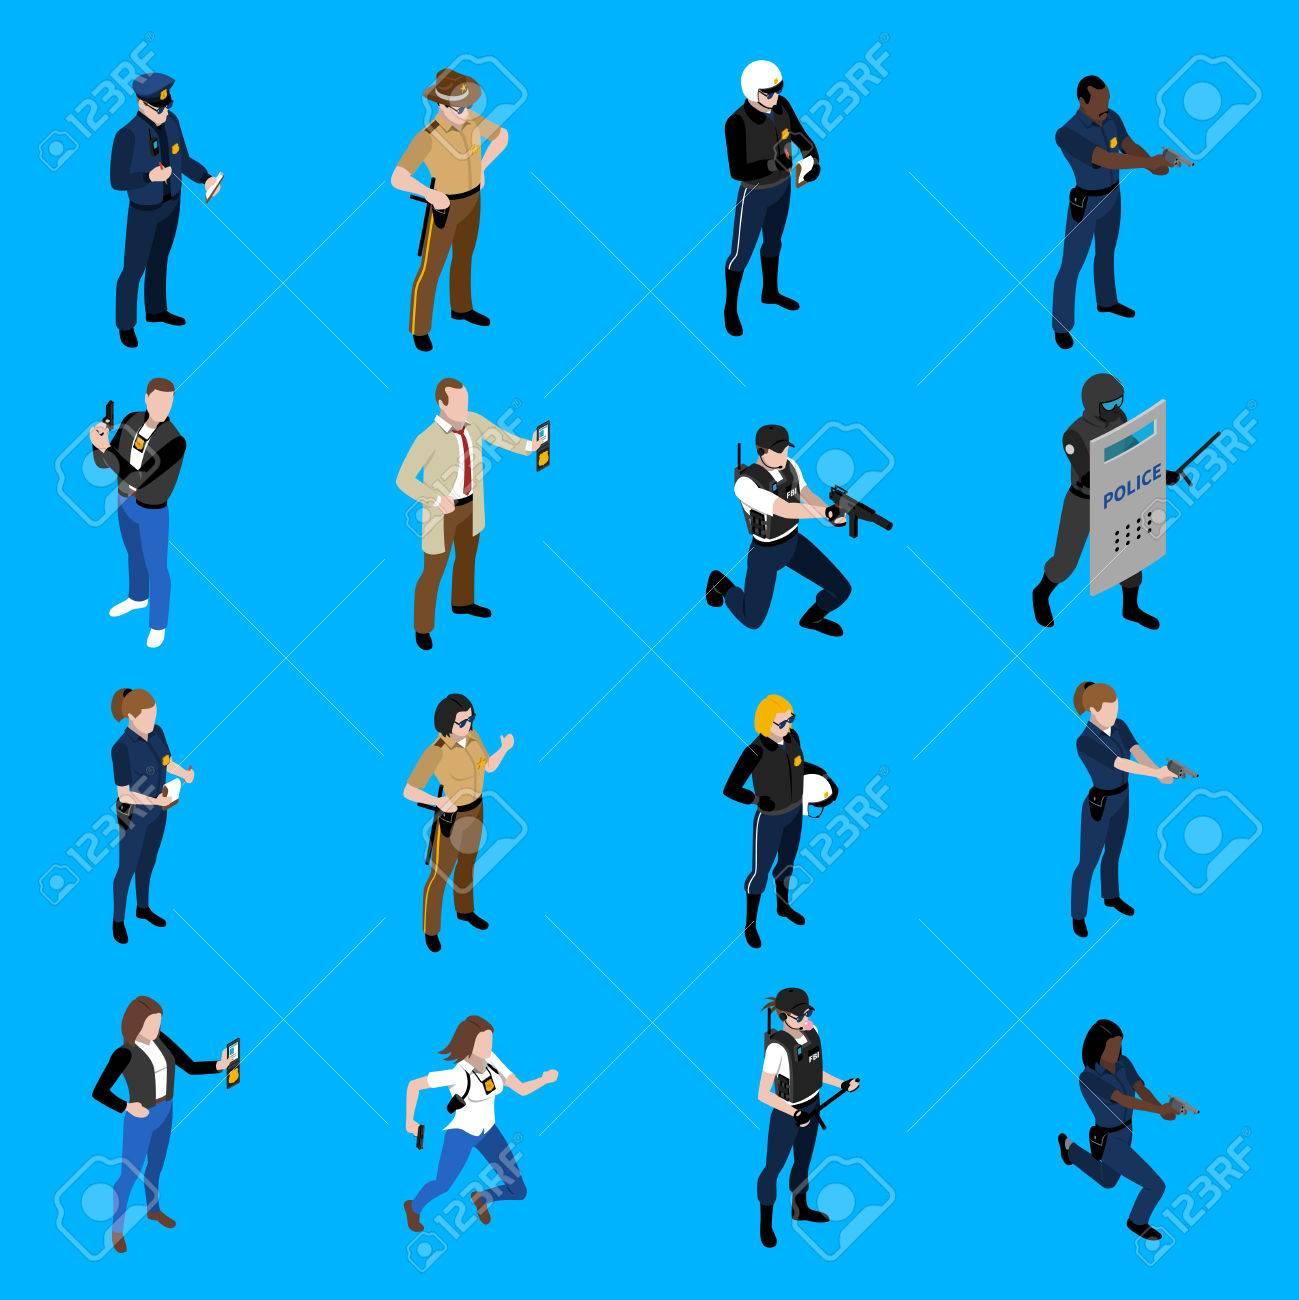 警官と異なる制服探偵保安パトロール ベクトル イラスト女性警察官を描い